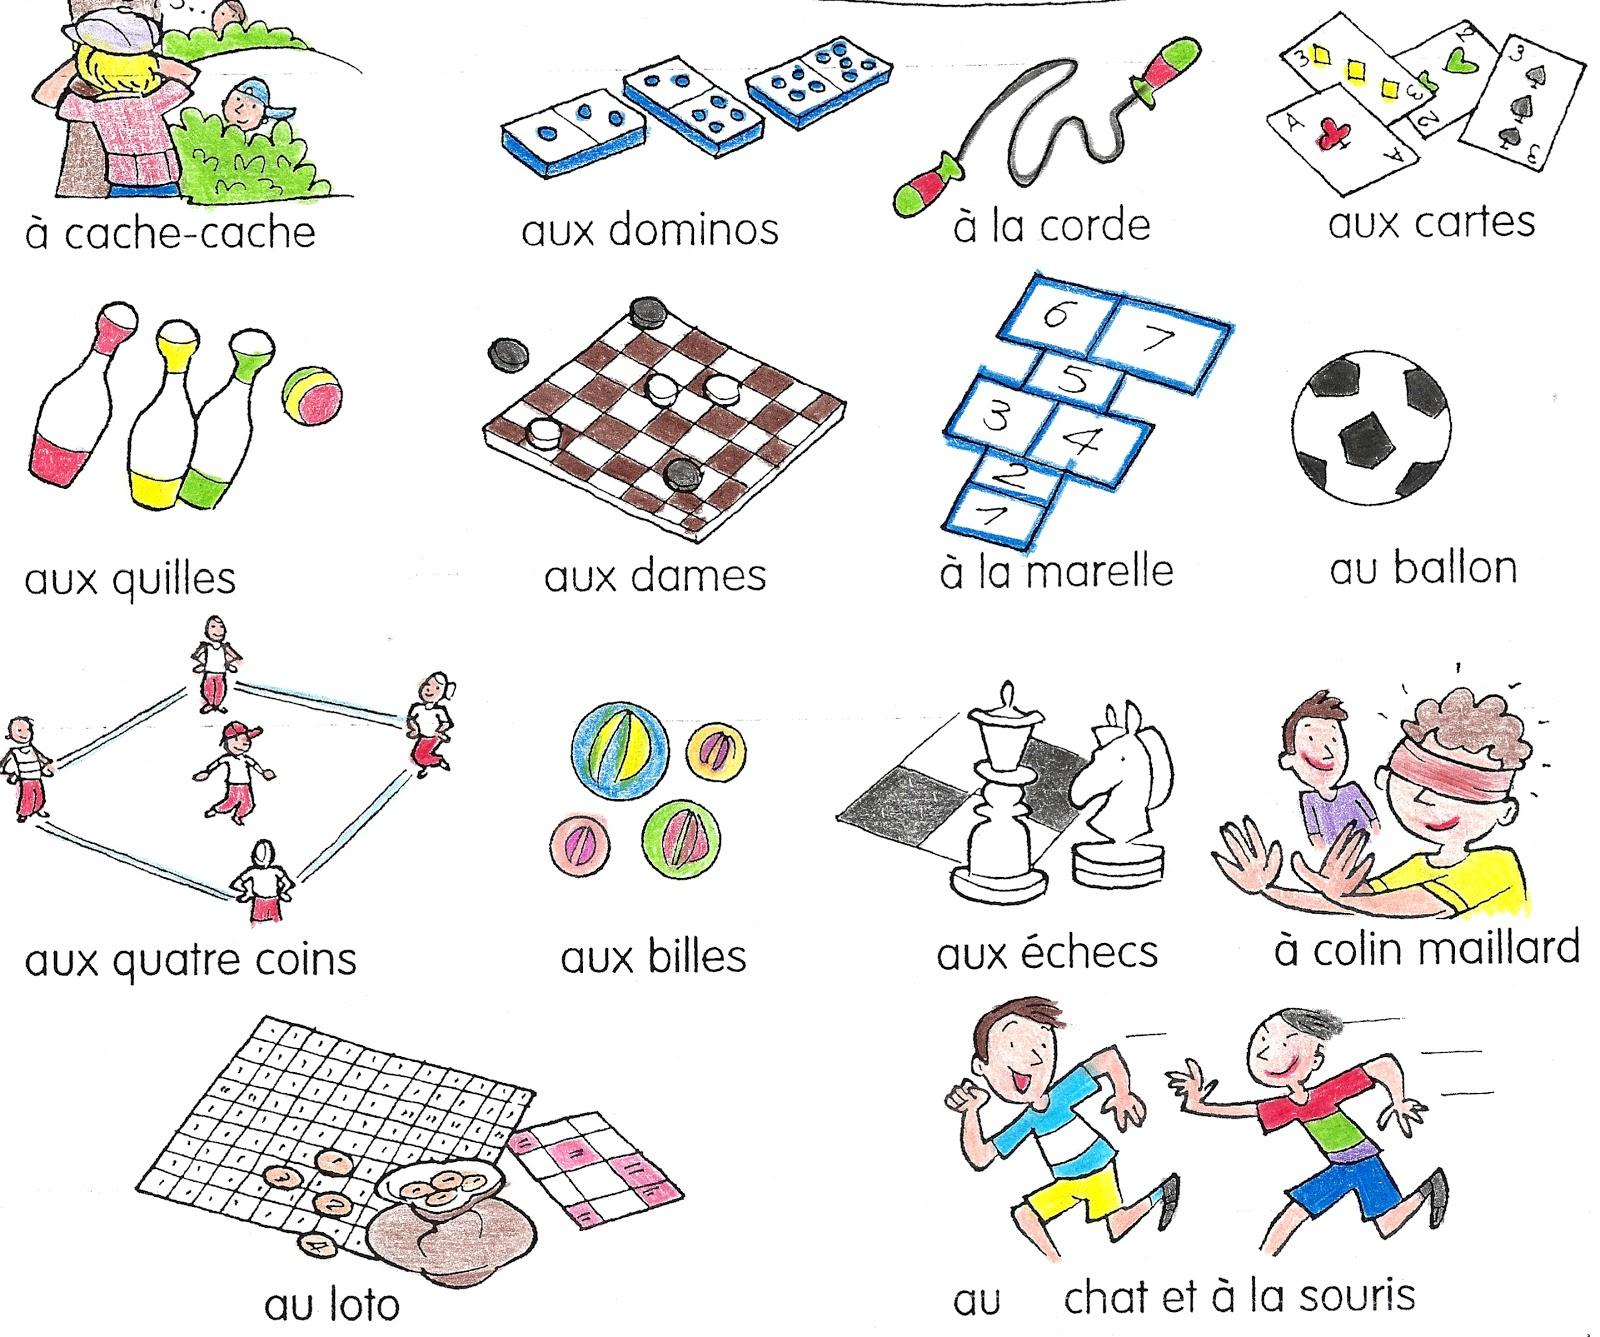 Coloriage contes en ligne gatuit, dessins contes à gateau  - Kinder Coloriage En Ligne